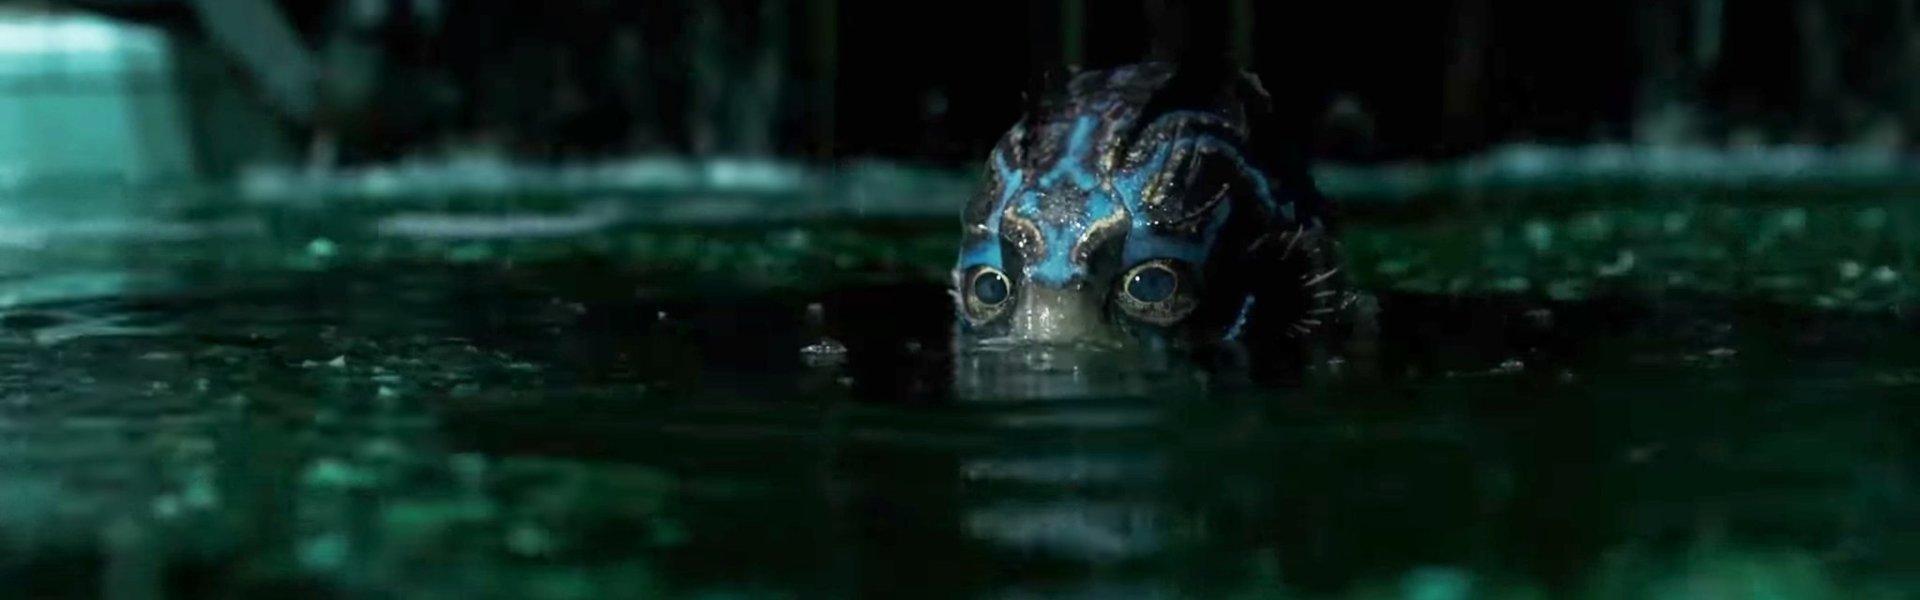 Criatura La forma del agua - El Palomitrón